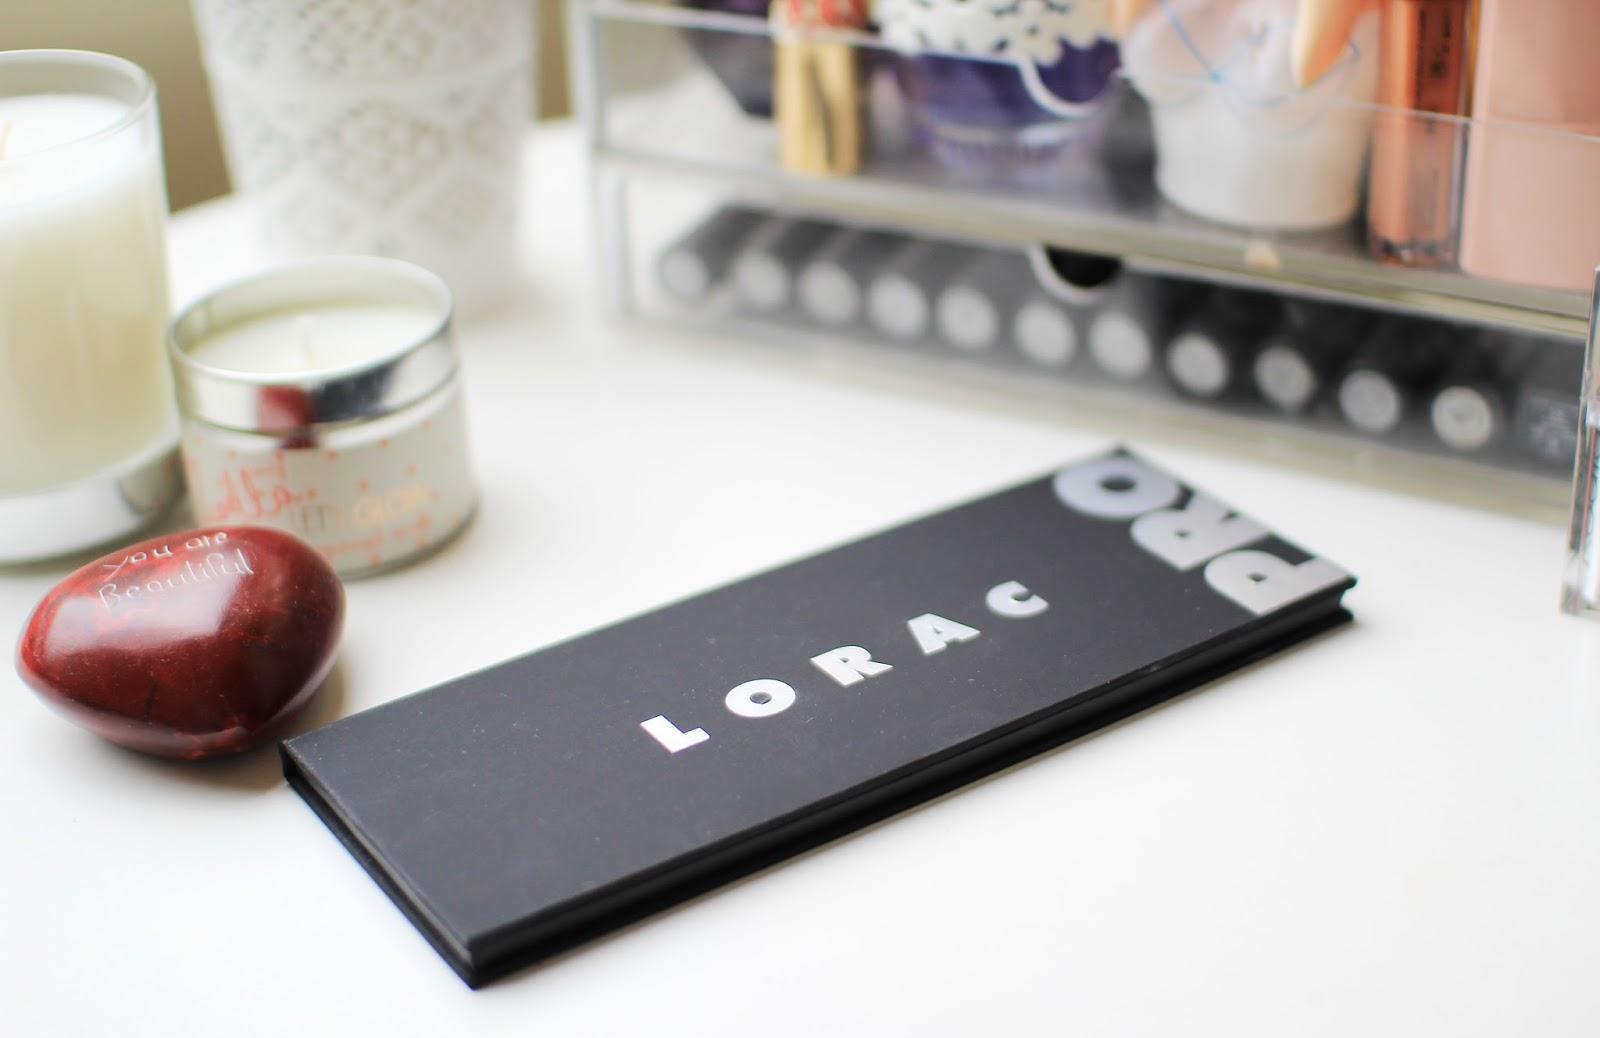 The Lorac Pro Palette